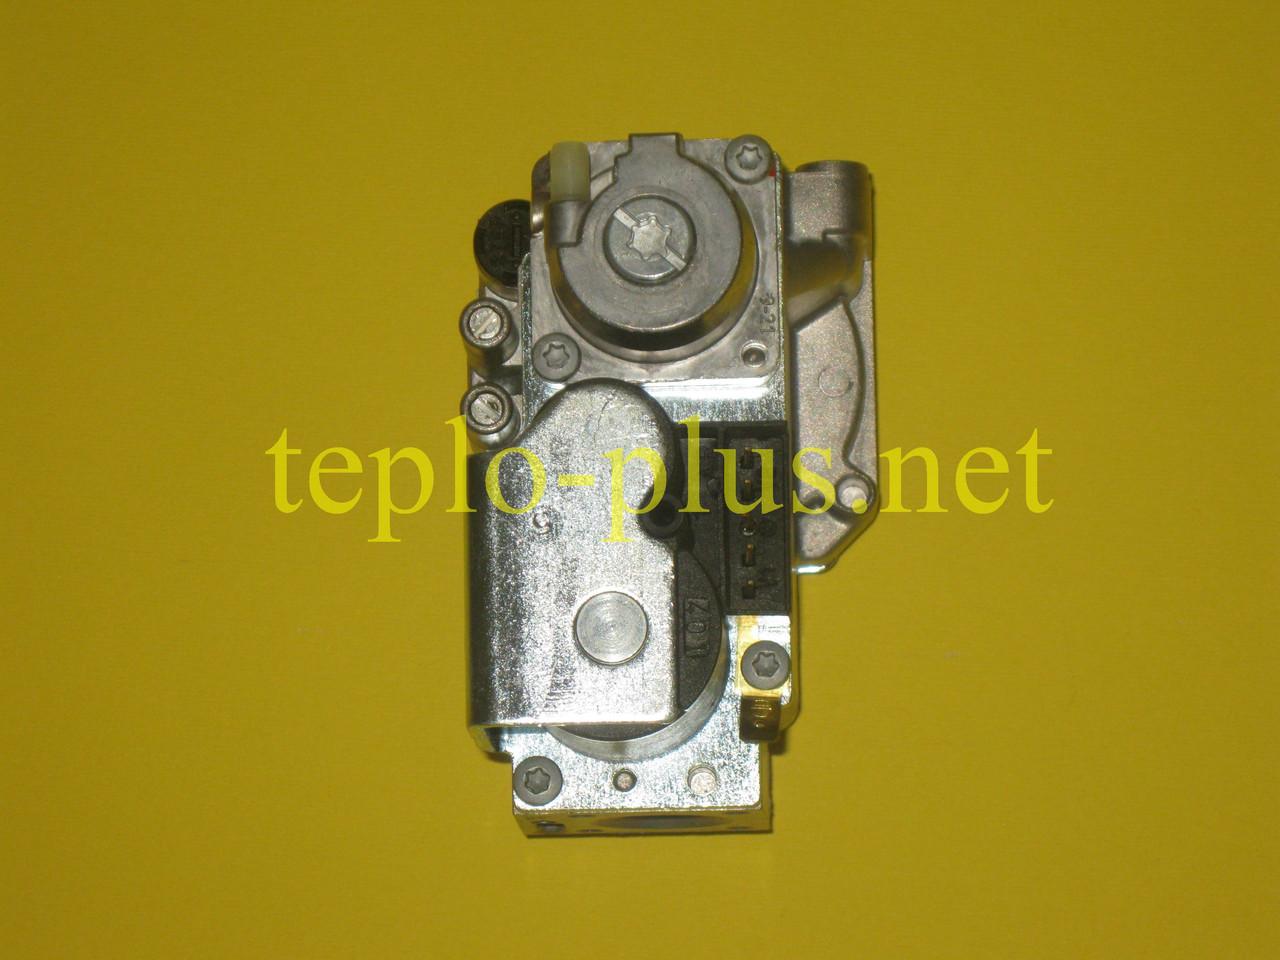 Газовый клапан (1ст.-ПГ,ПБ (10)) 0020025241 Protherm 80 KLO-R 10/11, 50 STO-R 10, 50 SOO 10, фото 2